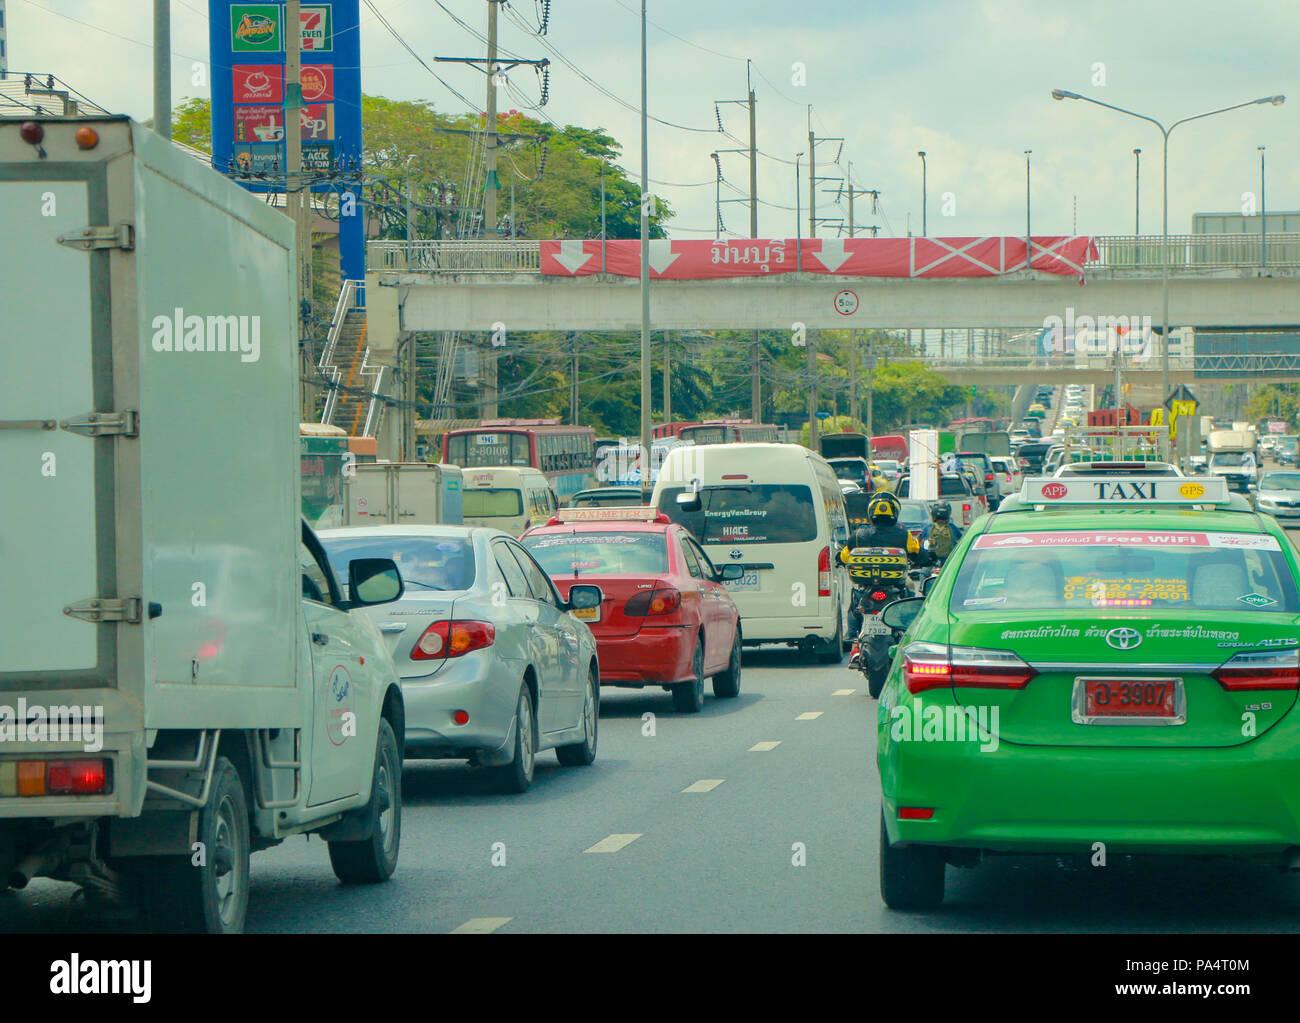 BANGKOK, THAILAND - MAY 9, 2018: Traffic moves slowly along a busy road in Bangkok, Thailand. Stock Photo